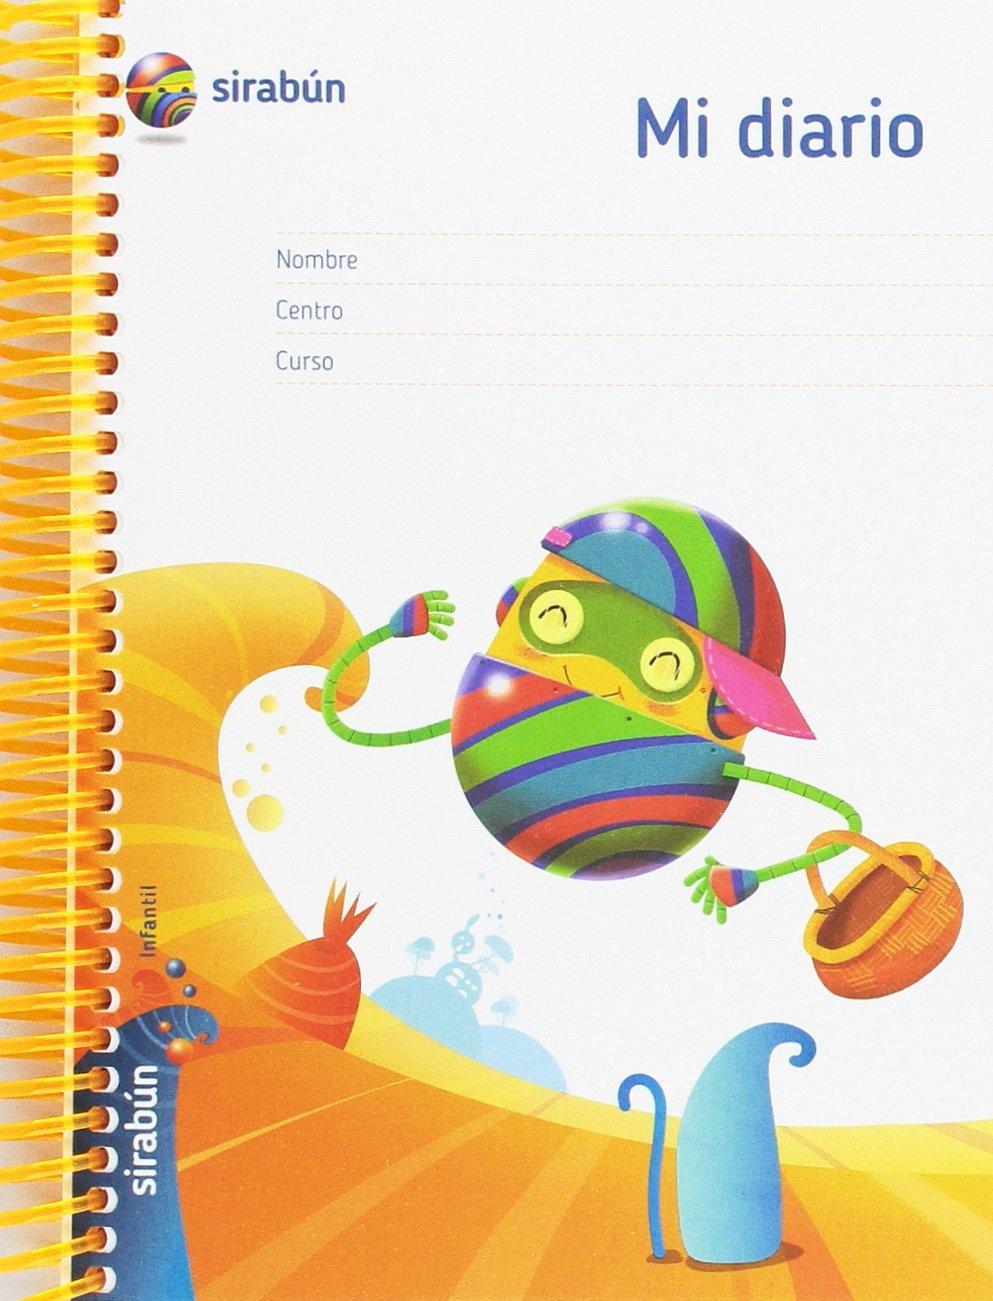 MI DIARIO (AGENDA) SIRABUN: 9788414007853: Amazon.com: Books